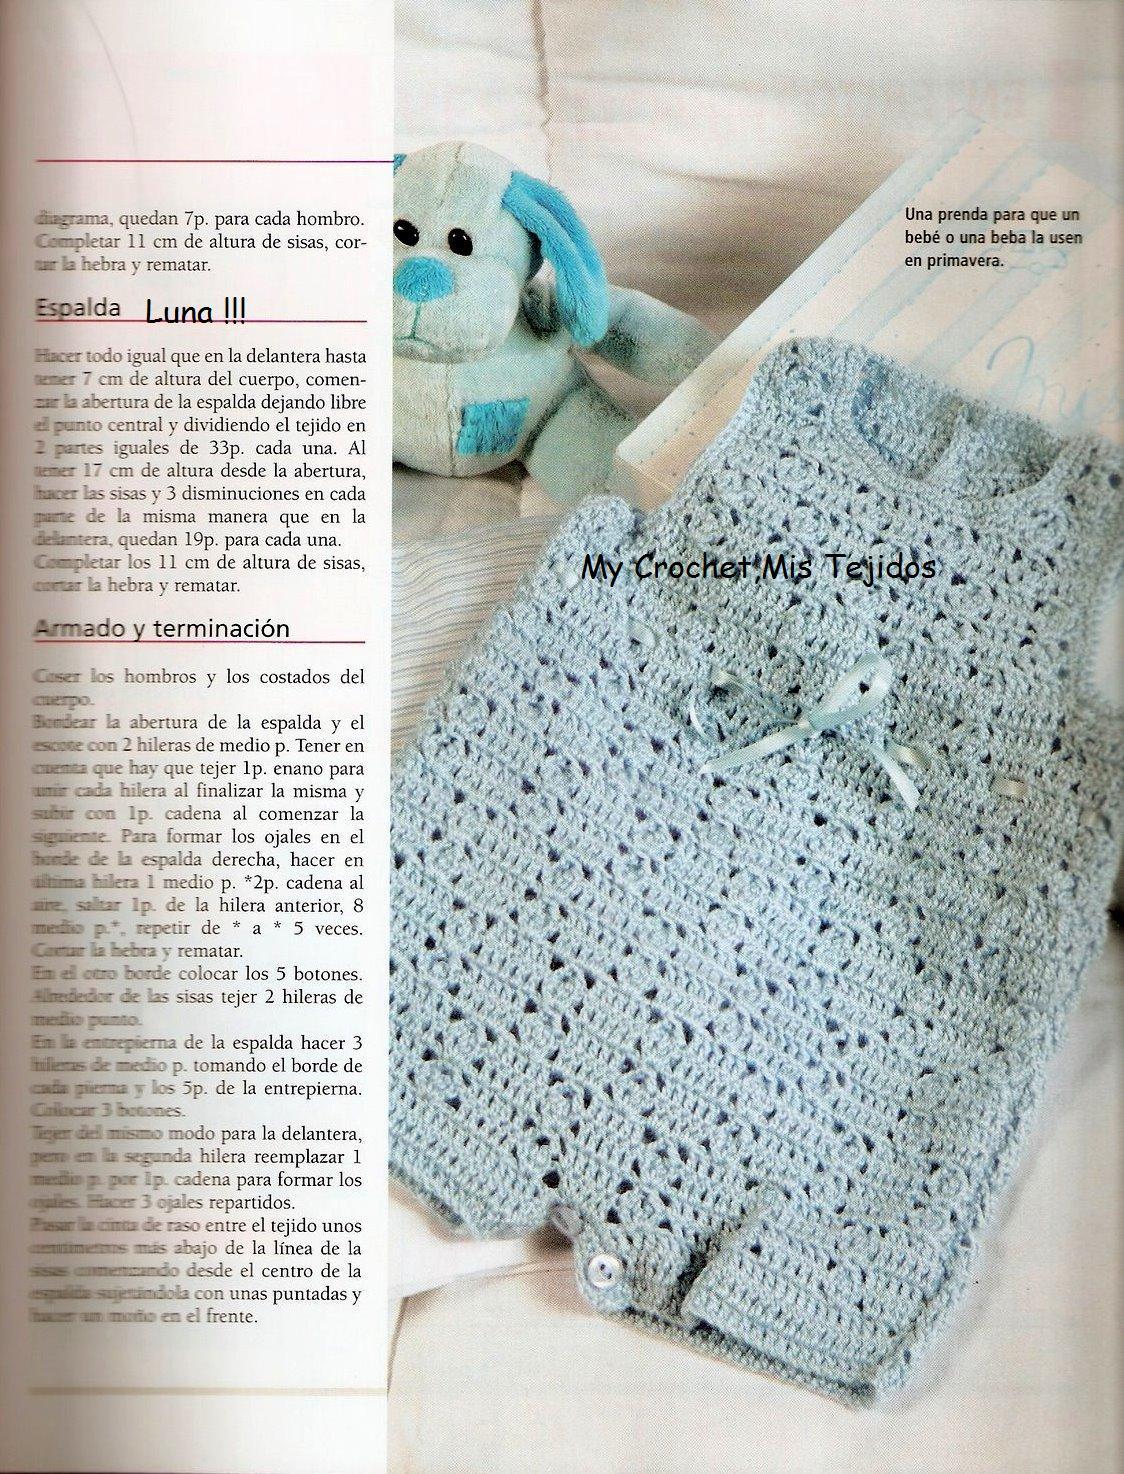 Patrones De Tejidos A Crochet Para Bebes | Review Ebooks